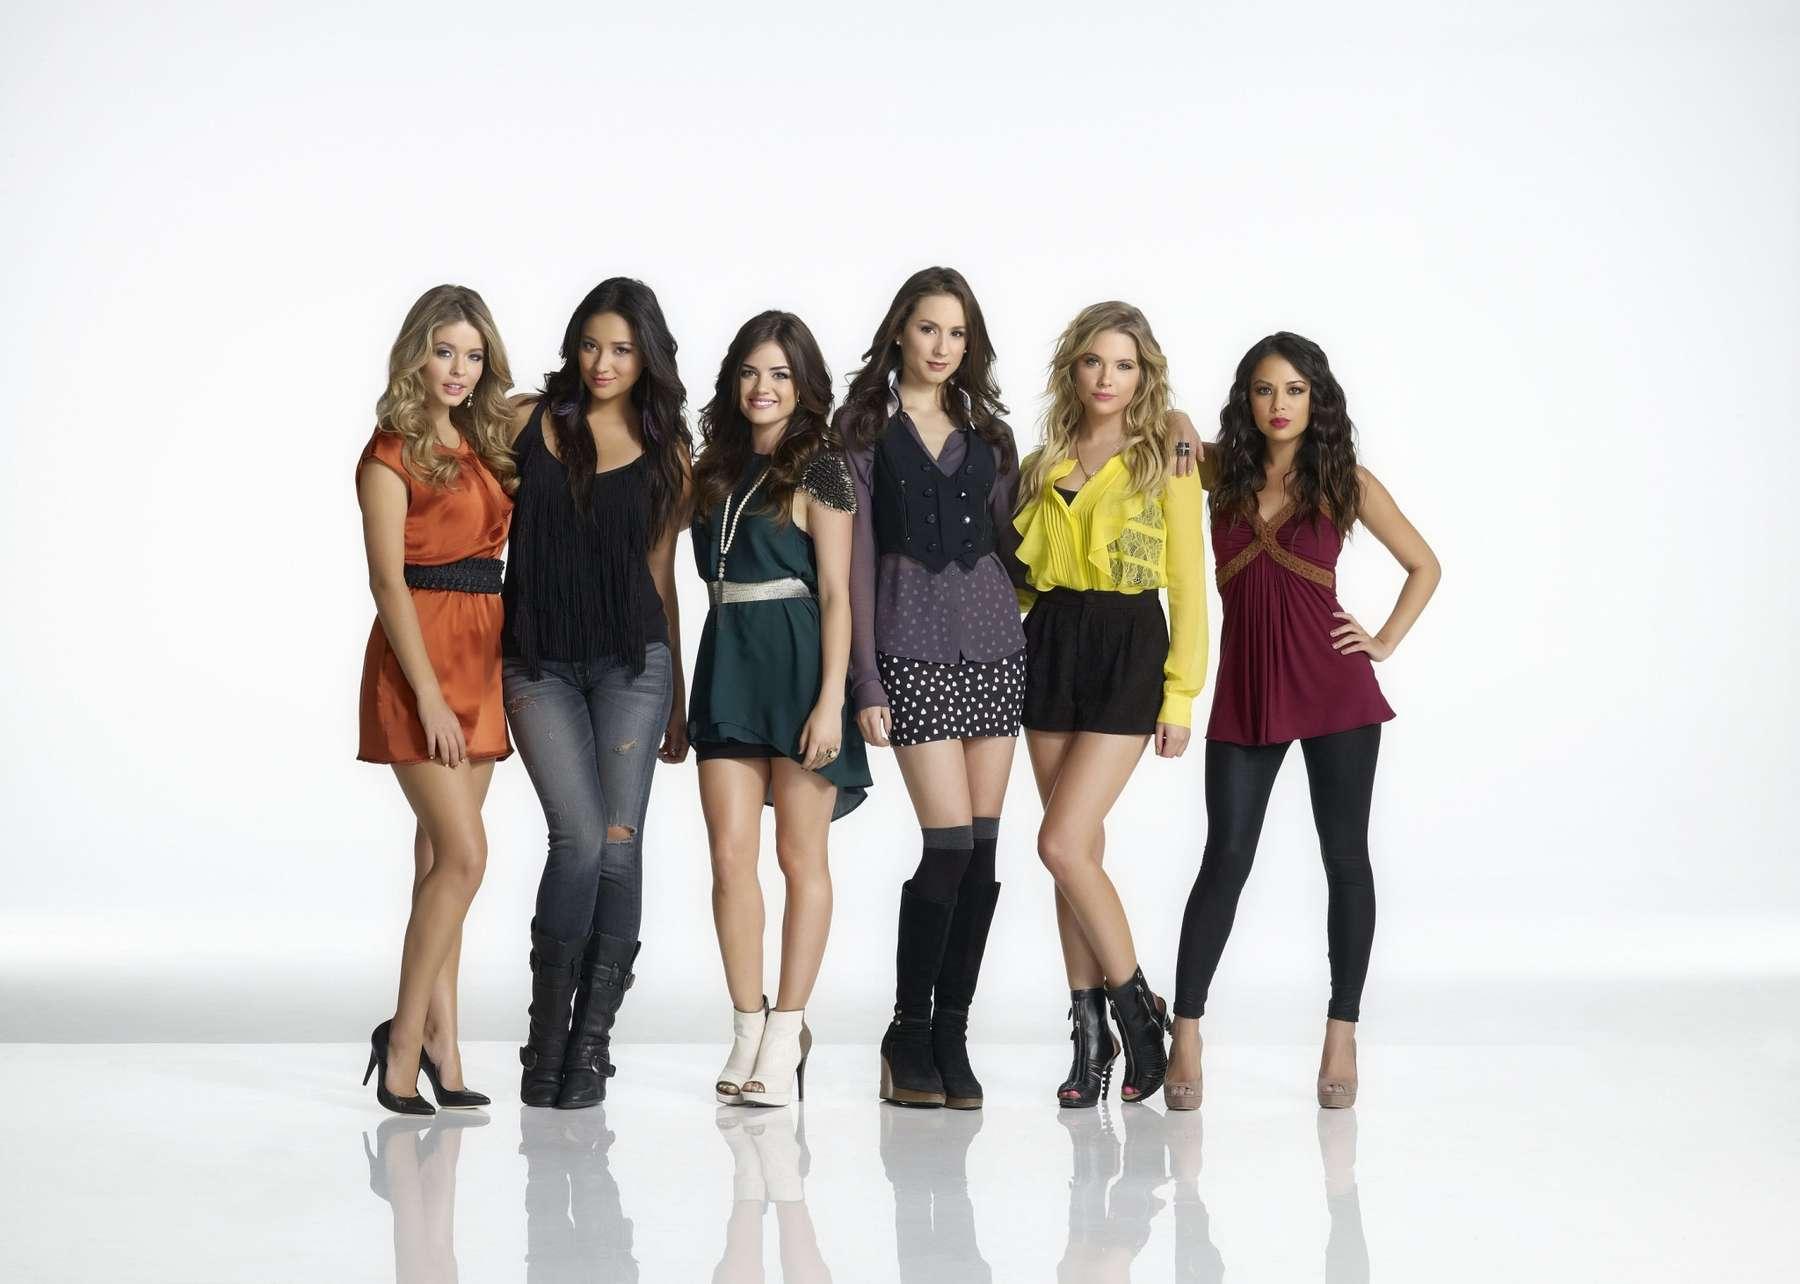 Ashley Benson – Pretty Little Liars Season 3 Promos 2012-05 – GotCeleb